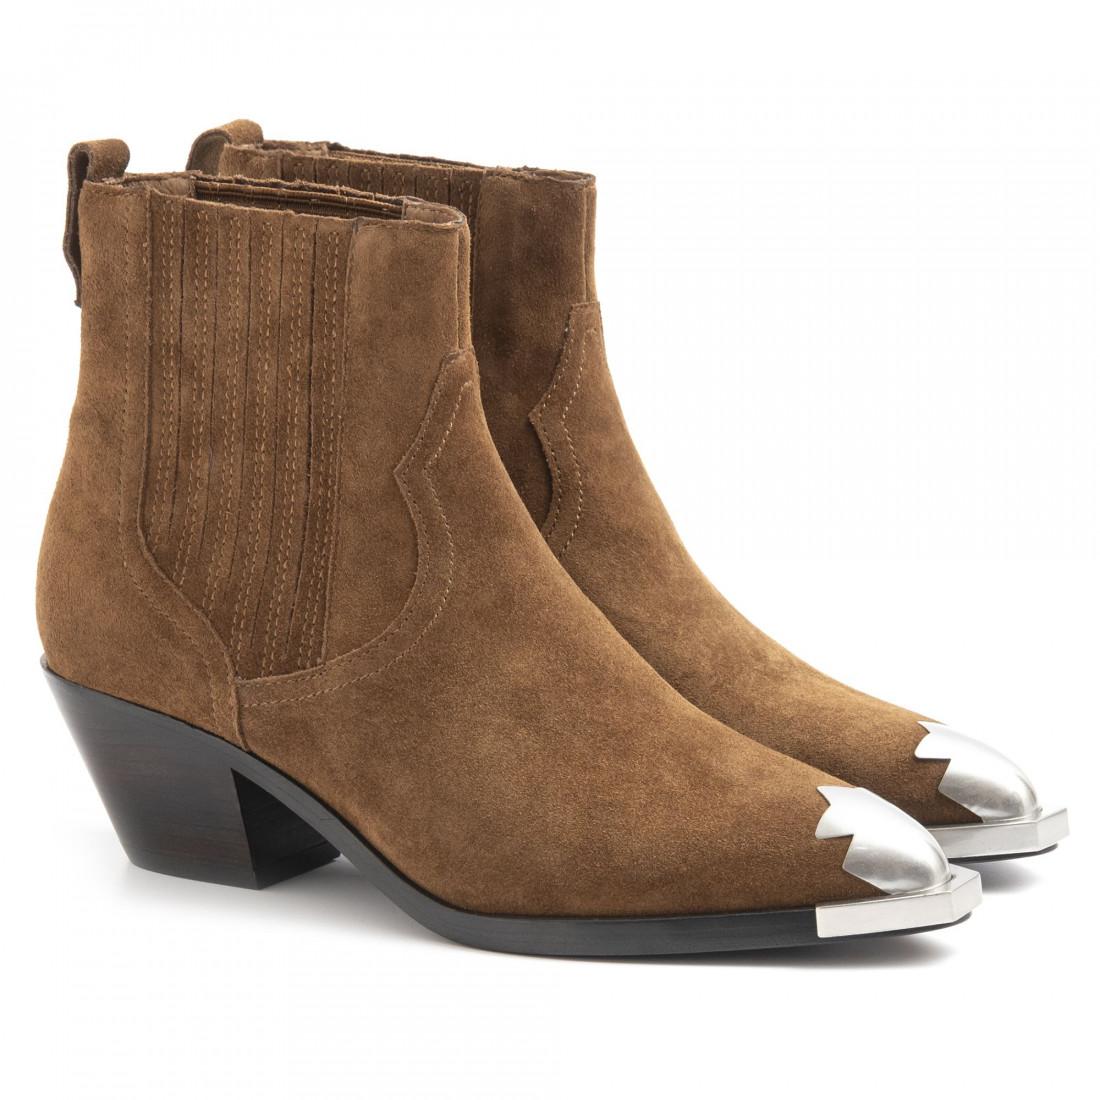 booties woman ash floyd04 6138